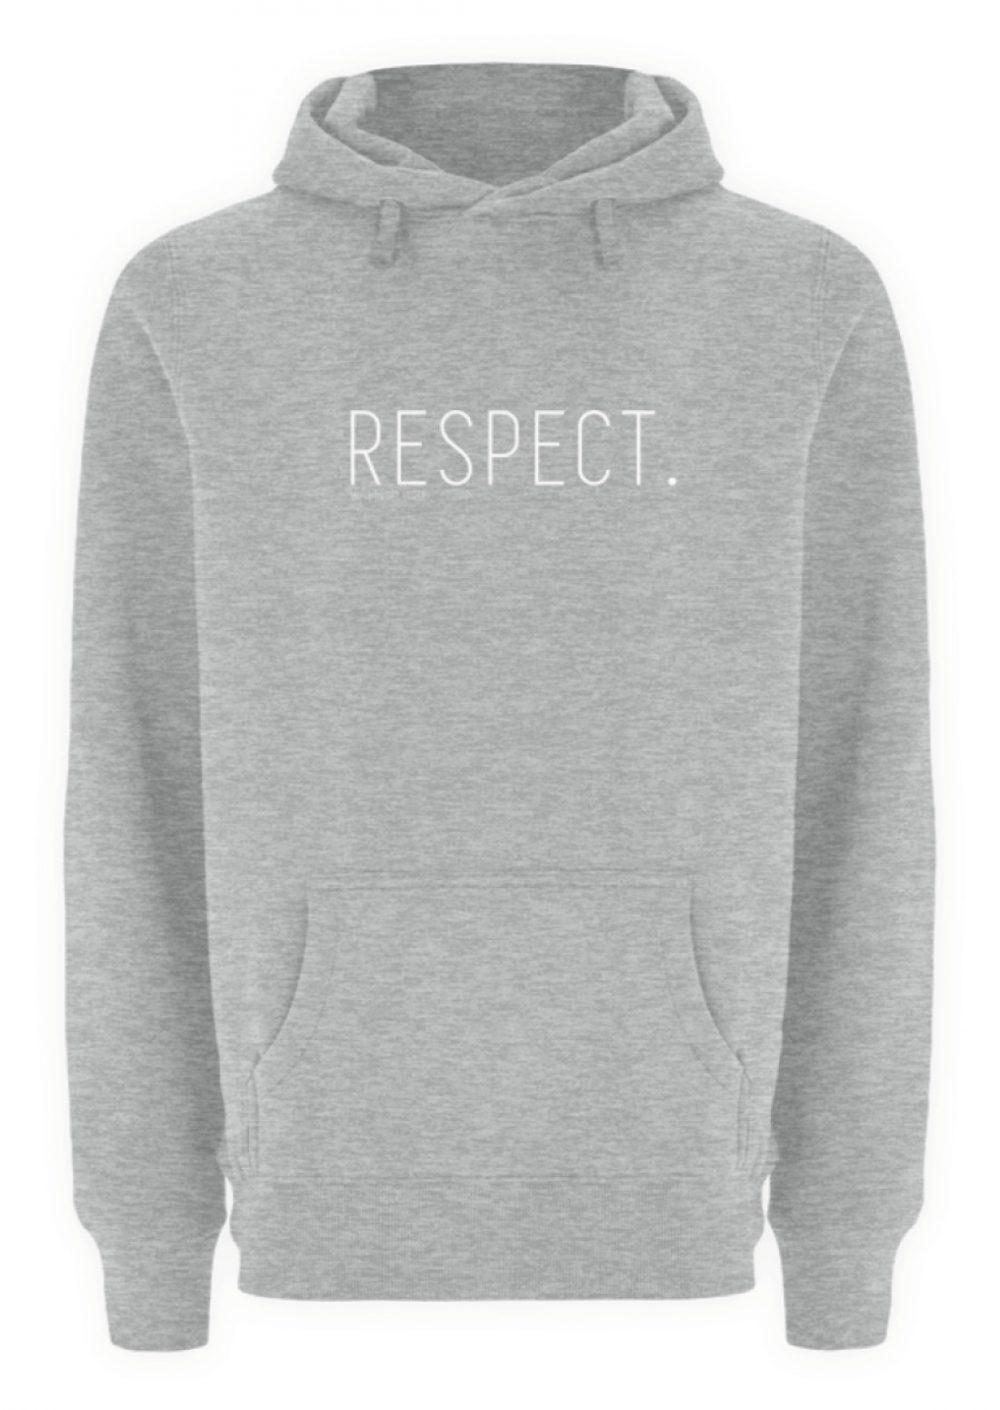 RESPECT. - Unisex Premium Kapuzenpullover-6807